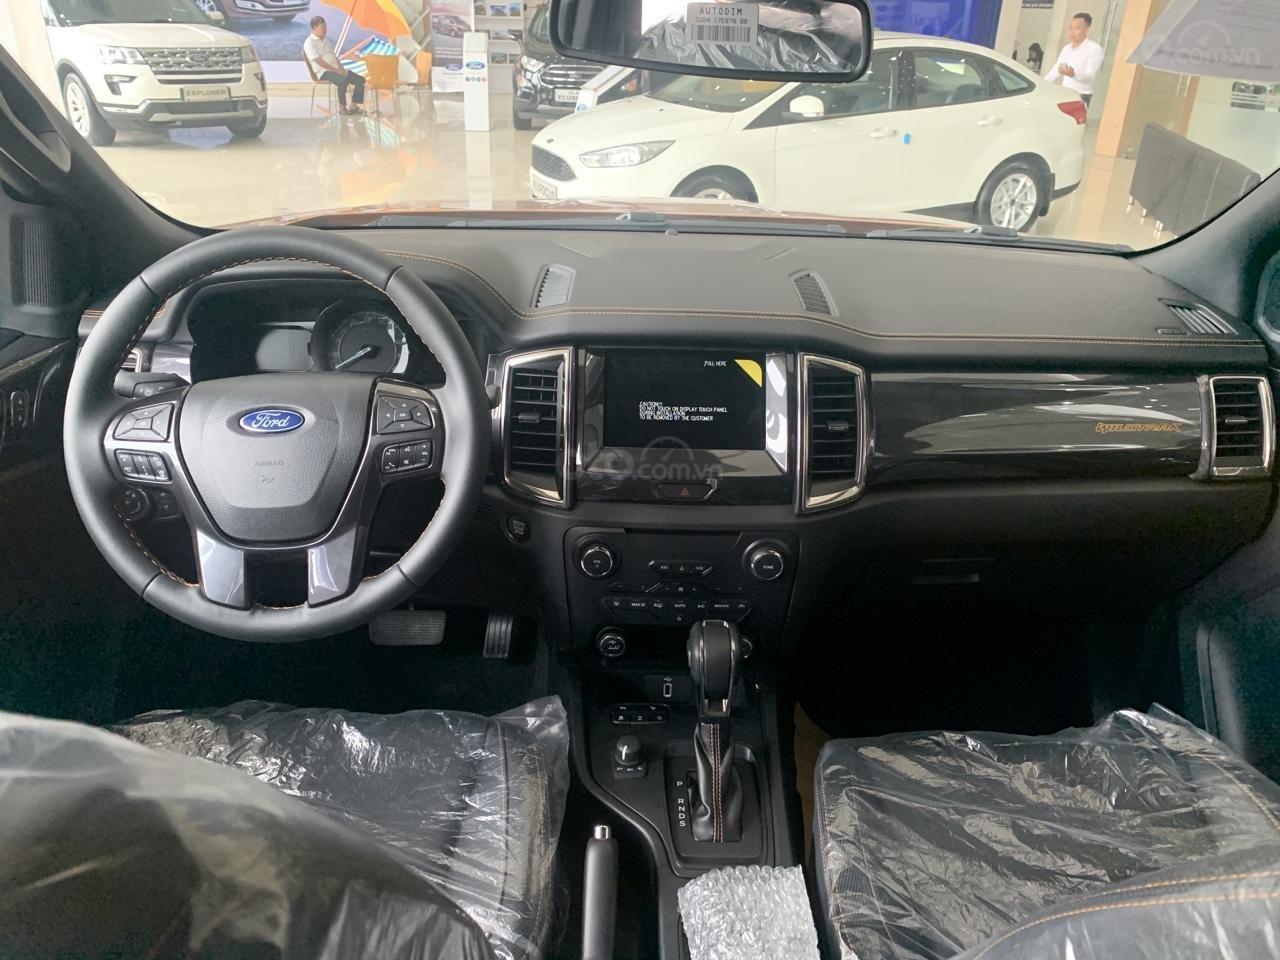 Giá xe Ford Ranger rẻ nhất miền Bắc, xe nhập Thái Lan đầy đủ màu sắc, lấy xe chỉ với 150tr, liên hệ ngay 0938568583 (6)